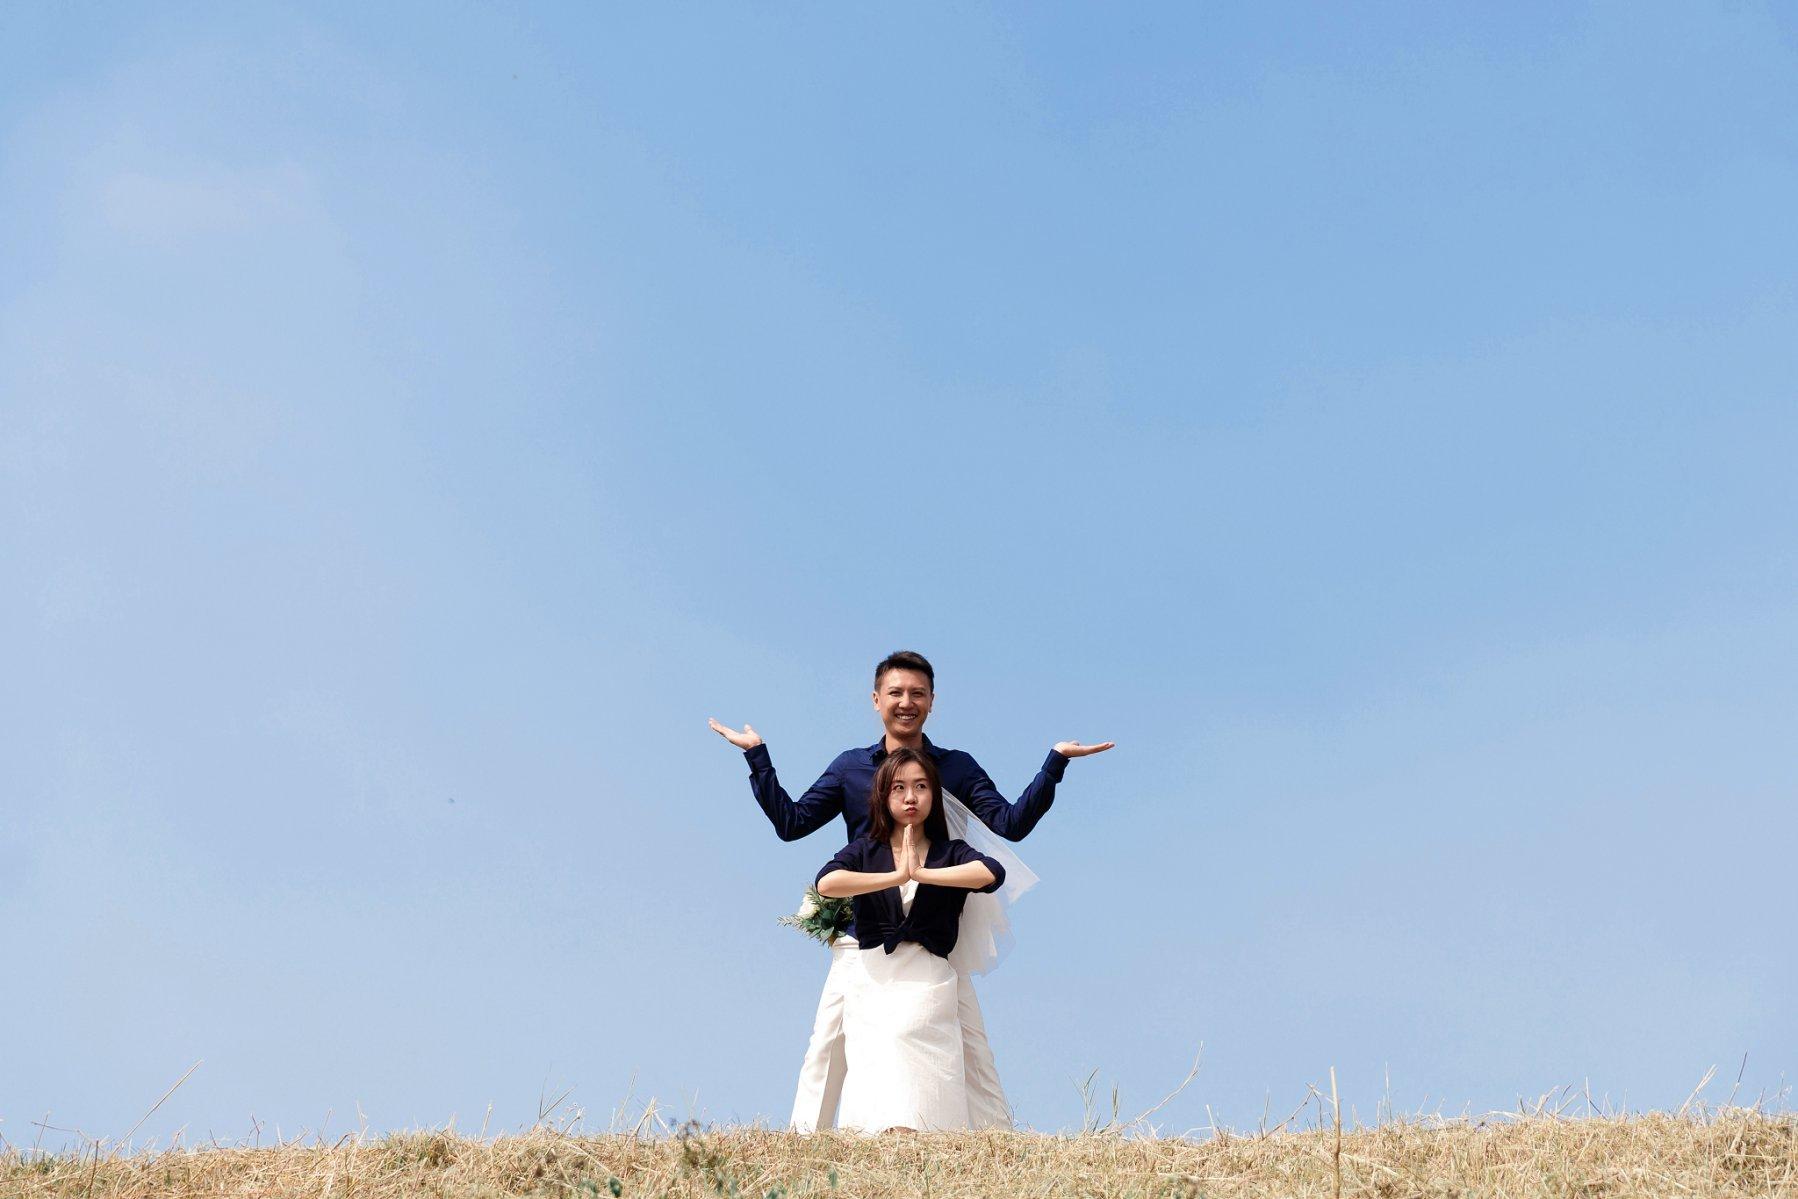 強哥&閔兒自助婚紗照@高雄台南